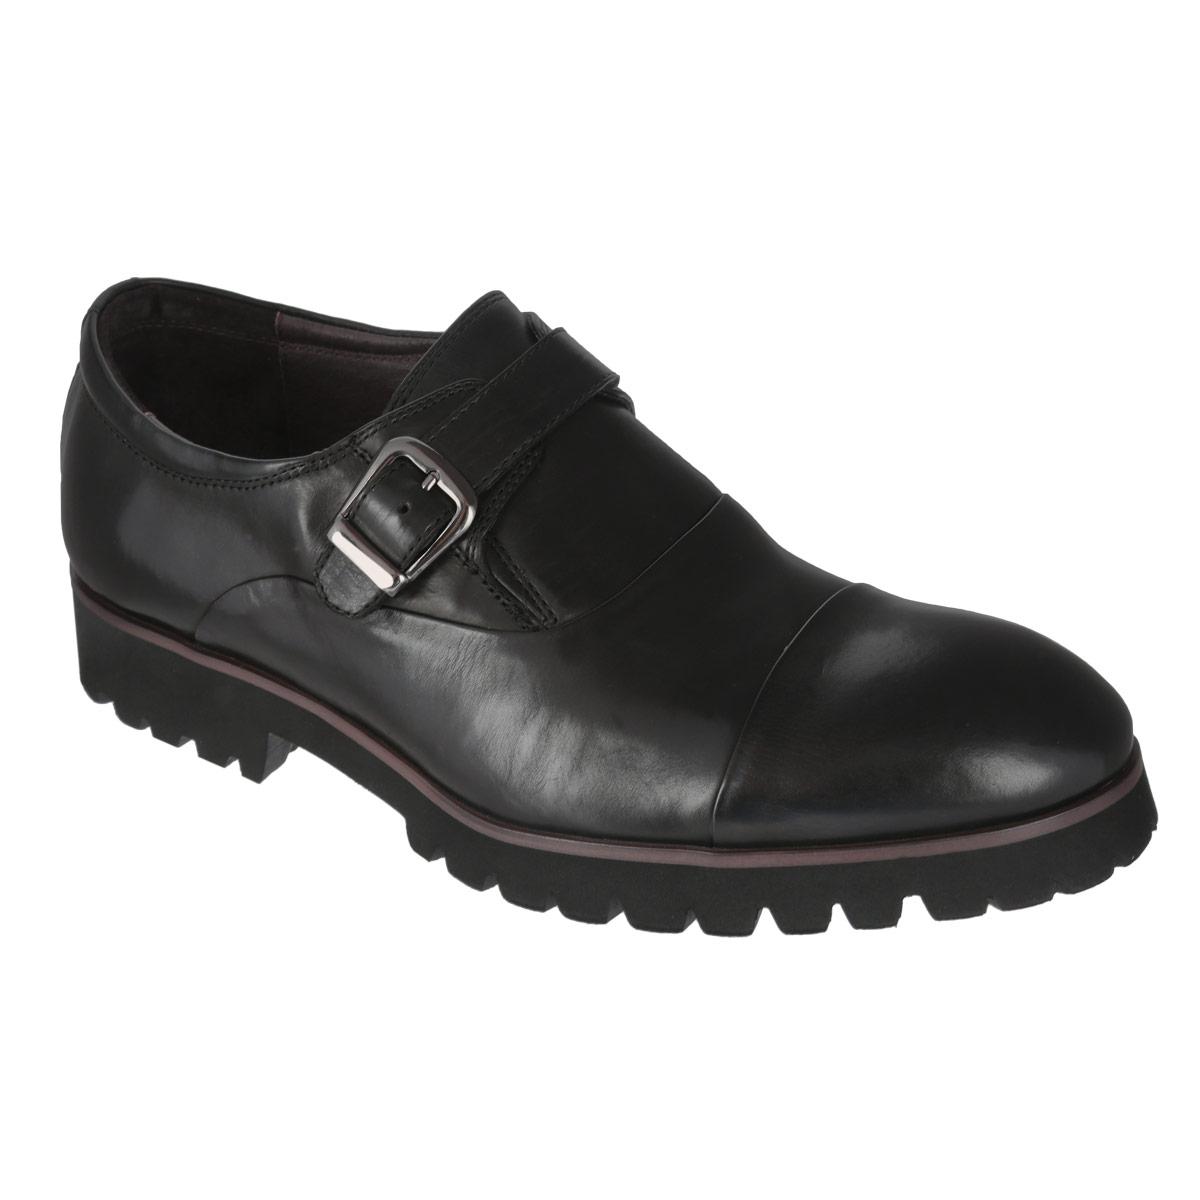 Туфли мужские. M22008M22008Трендовые мужские туфли Vitacci займут достойное место в вашем гардеробе. Модель изготовлена из высококачественной натуральной кожи и оформлена задним наружным ремнем, контрастной полоской на подошве. Стрейчевая вставка и ремешок с металлической пряжкой прямоугольной формы, расположенные на подъеме, обеспечивают оптимальную посадку обуви. Длина ремешка регулируется за счет болта. Стелька из натуральной кожи оснащена перфорацией, что позволяет ногам дышать. Каблук и подошва с протектором обеспечивают идеальное сцепление с поверхностью. Стильные туфли не оставят равнодушным ни одного мужчину.